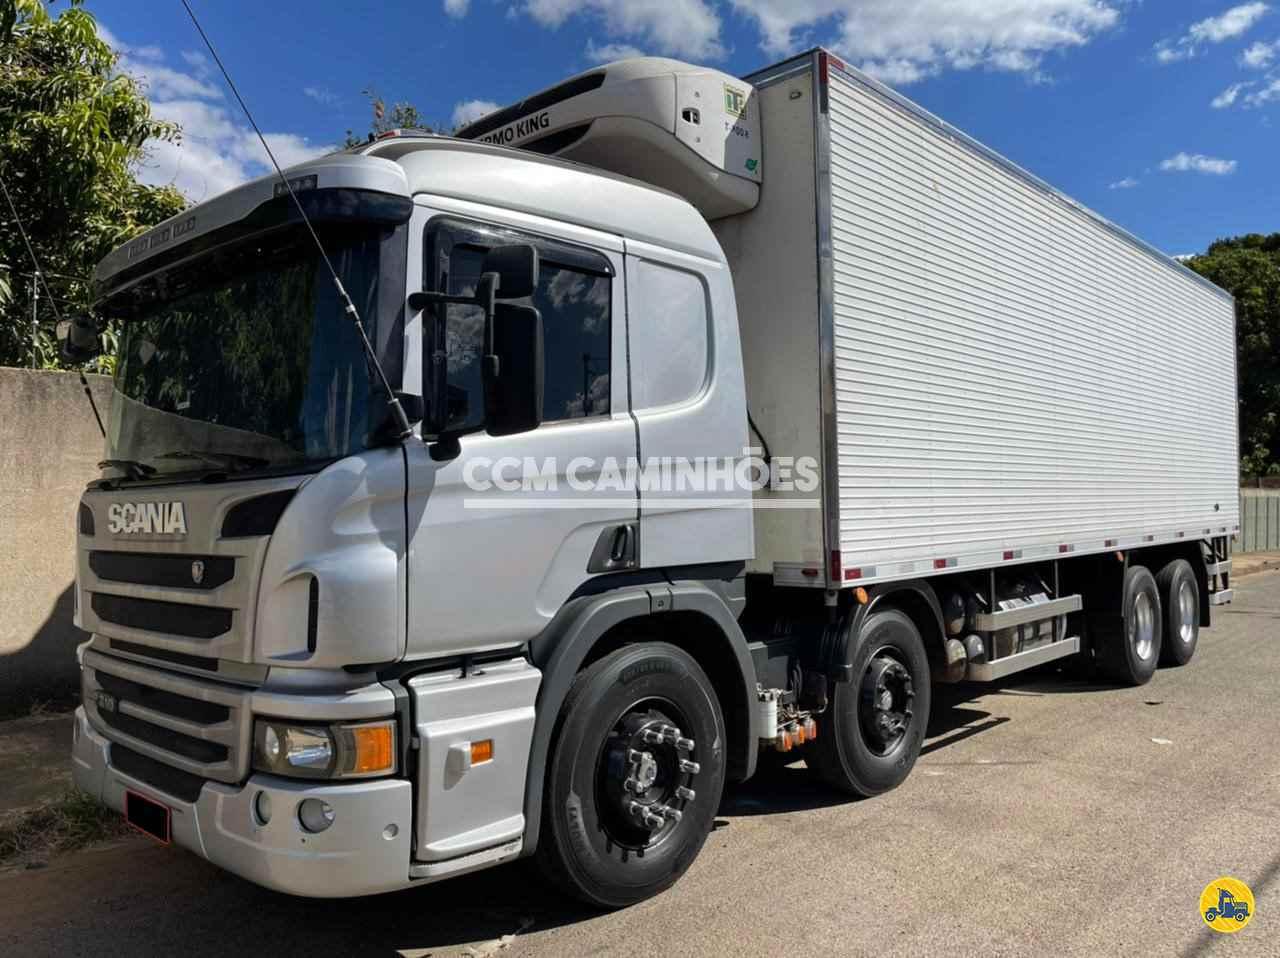 CAMINHAO SCANIA SCANIA P310 Baú Frigorífico BiTruck 8x2 CCM Caminhões GOIANIA GOIAS GO